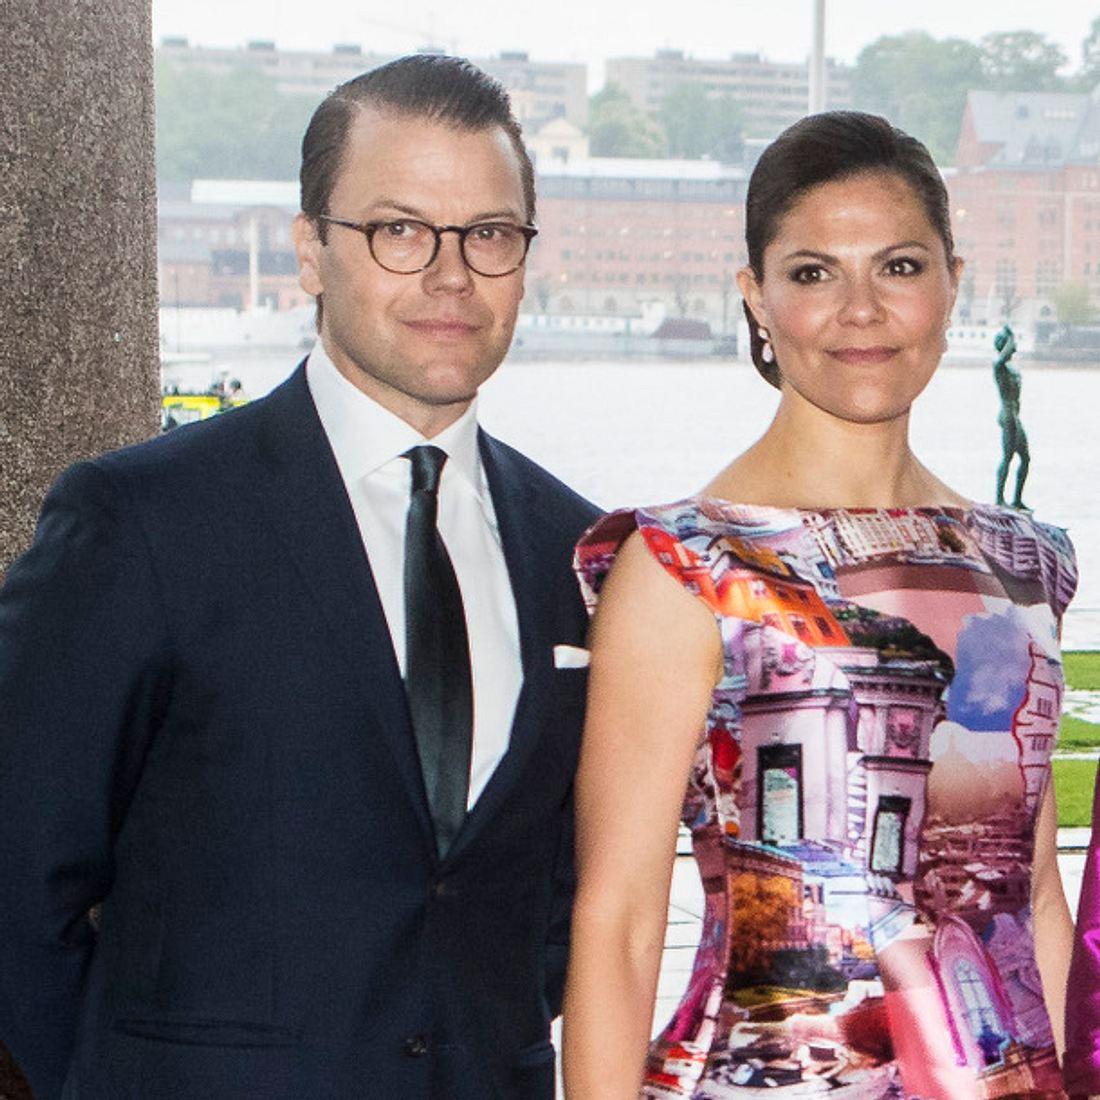 Victoria von Schweden: Jetzt wird ihr Prinz Daniel auch noch verspottet!